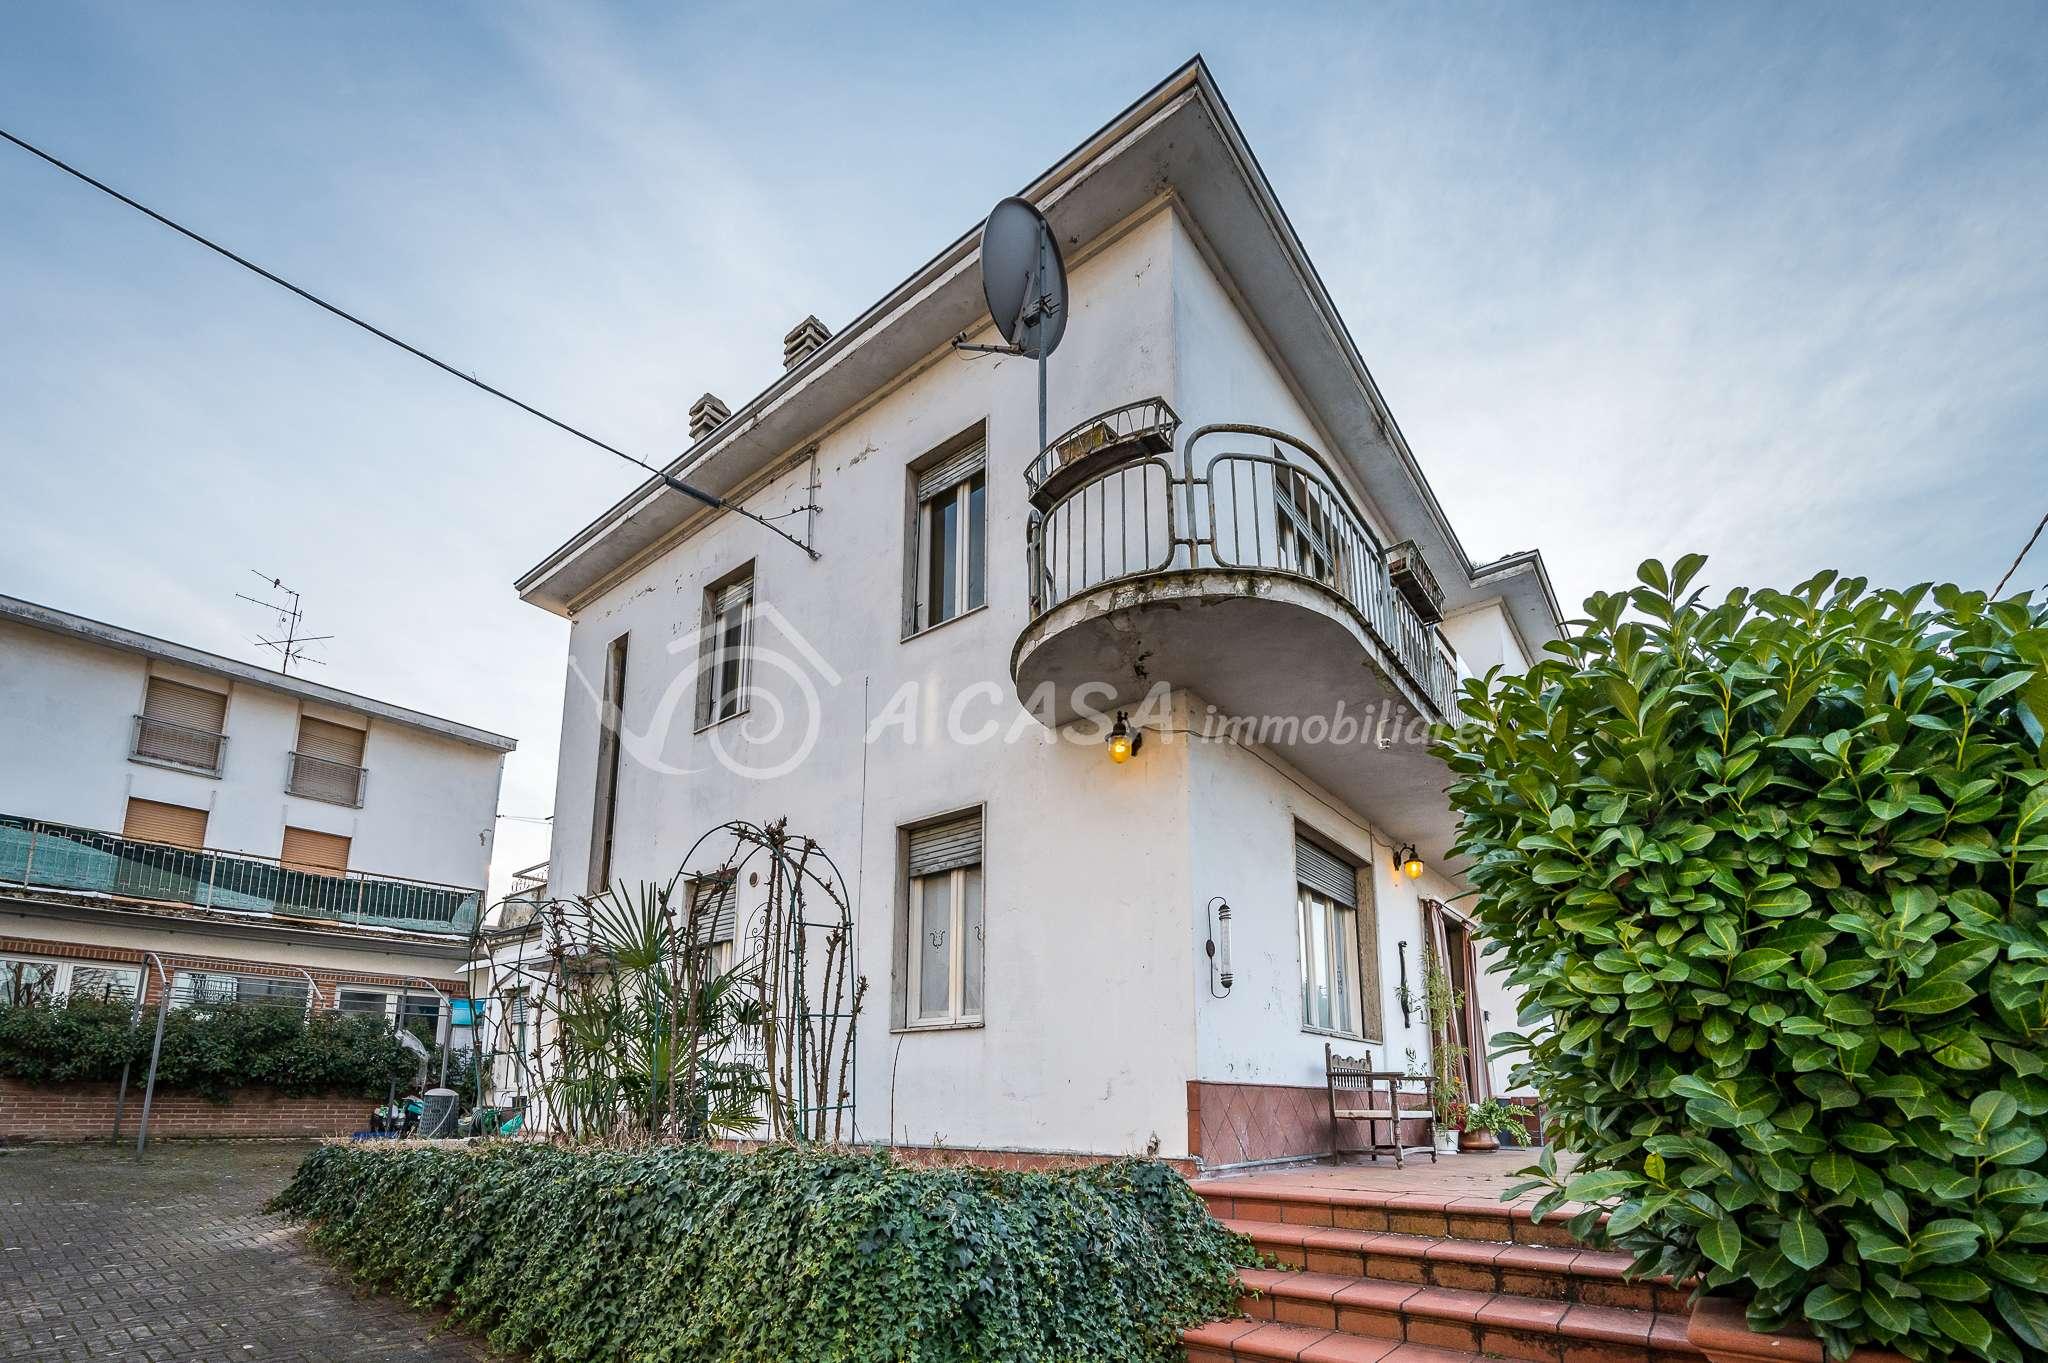 Immobiliare Sant Andrea Concorezzo case e appartamenti in vendita a medesano - cambiocasa.it